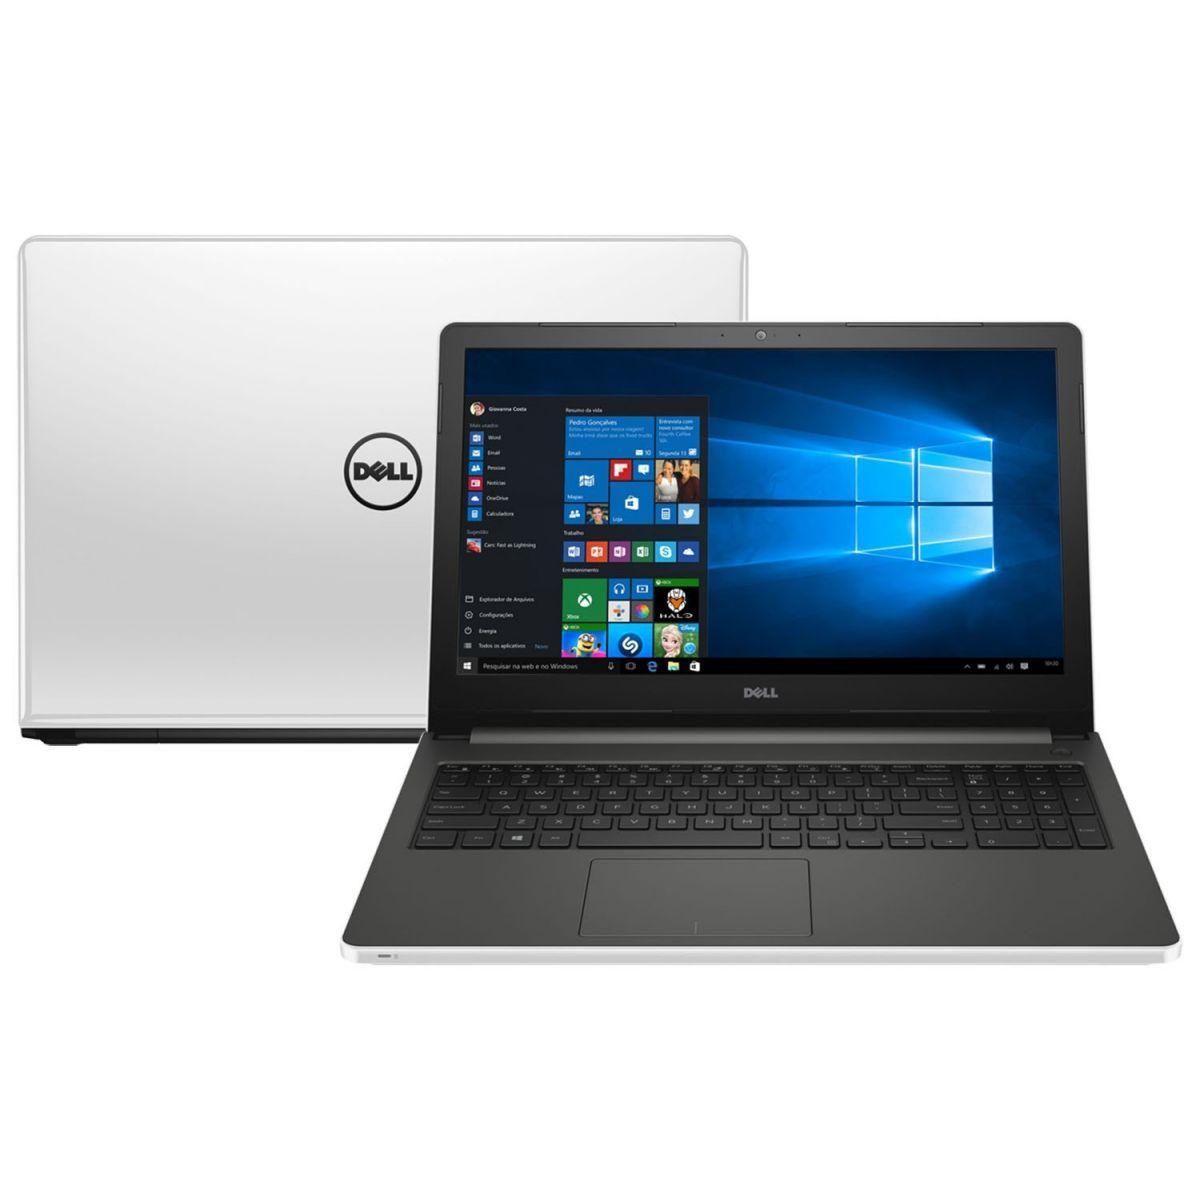 """Notebook Dell Inspiron - Intel Core i7. 8GB de Memória, HD de 1TB, Placa de Vídeo Nvidia Geforce 4GB, Tela HD de 15.6"""", Windows 10 - 15-5558"""